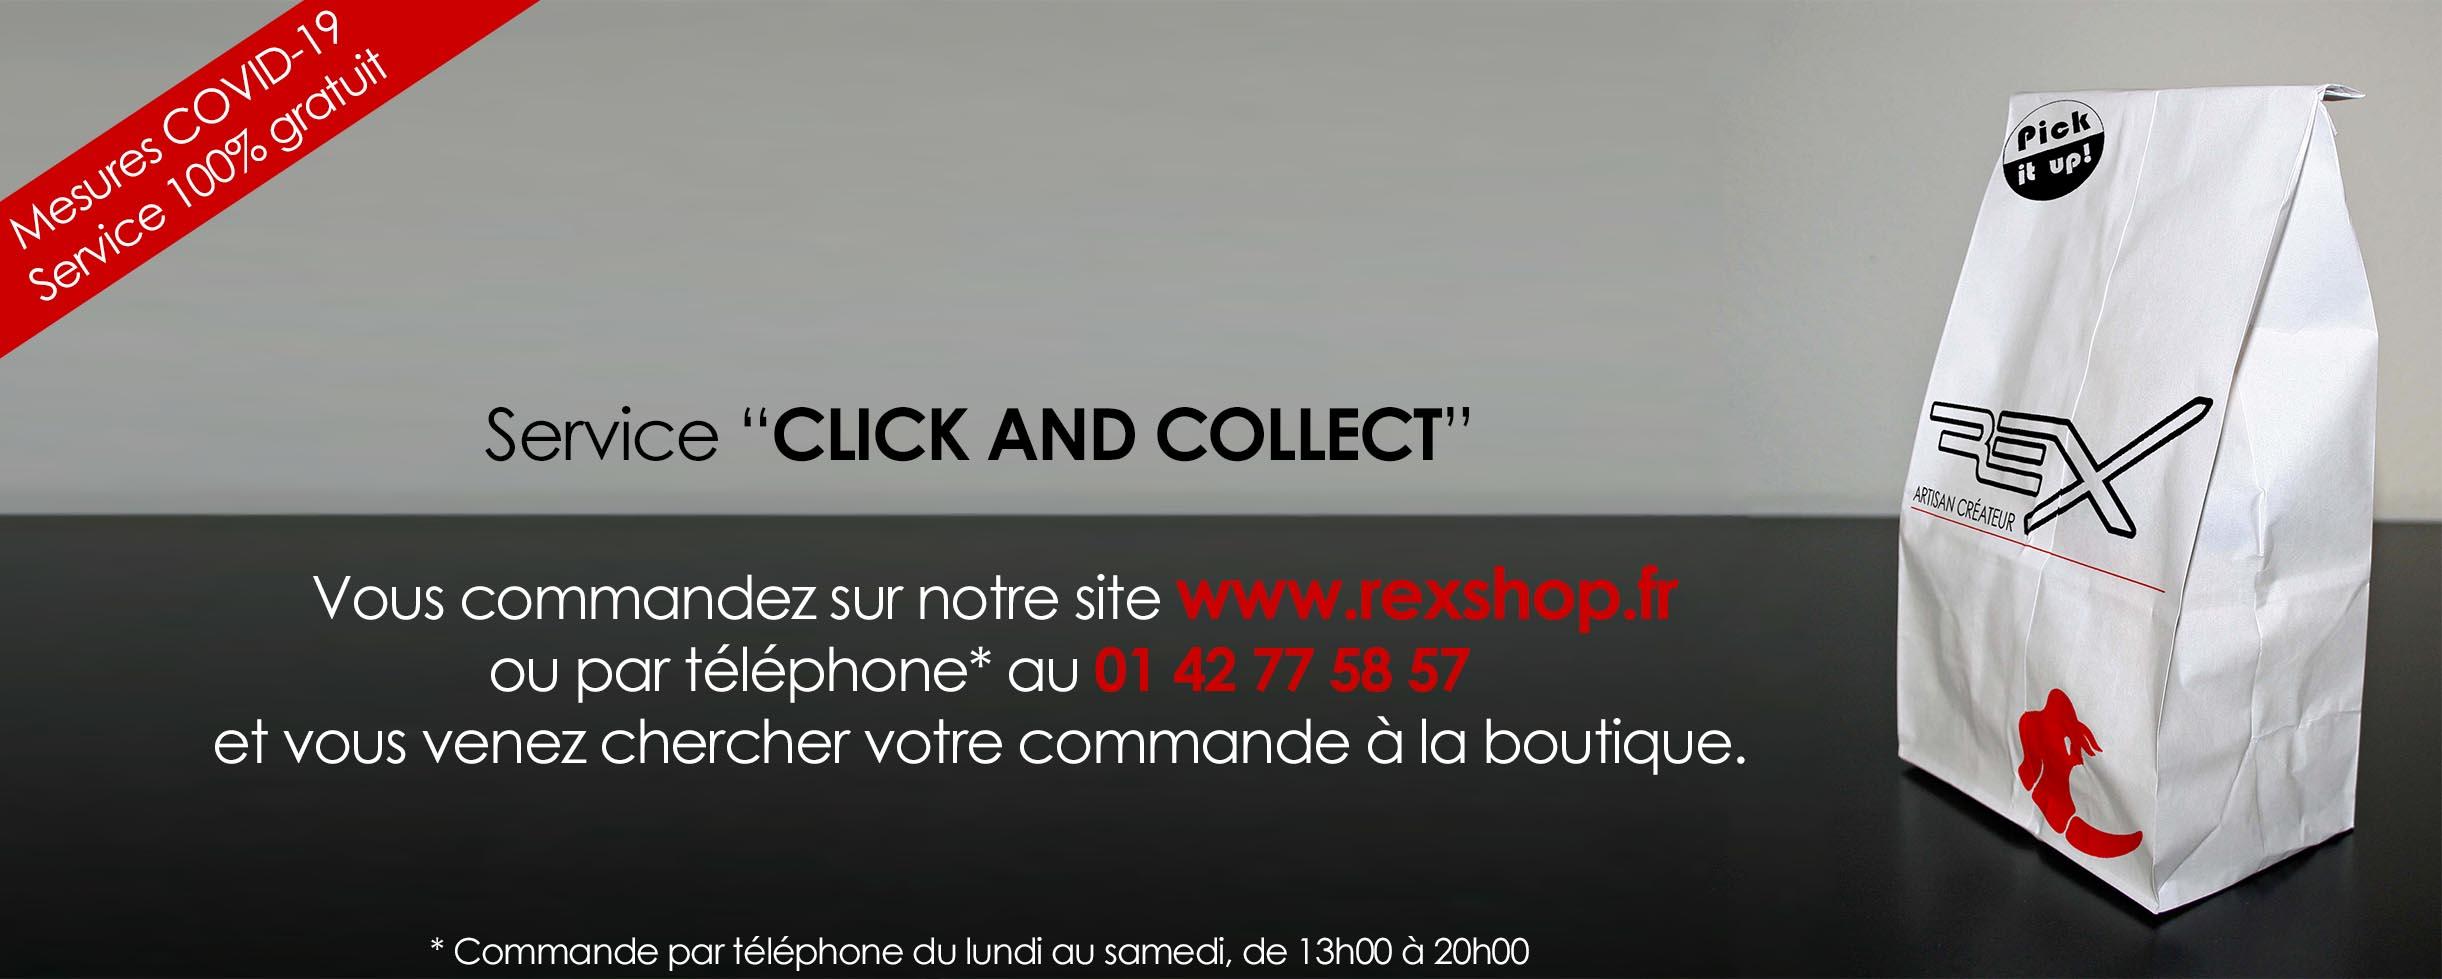 Click & collect : faites vous plaisir pendant le confinement